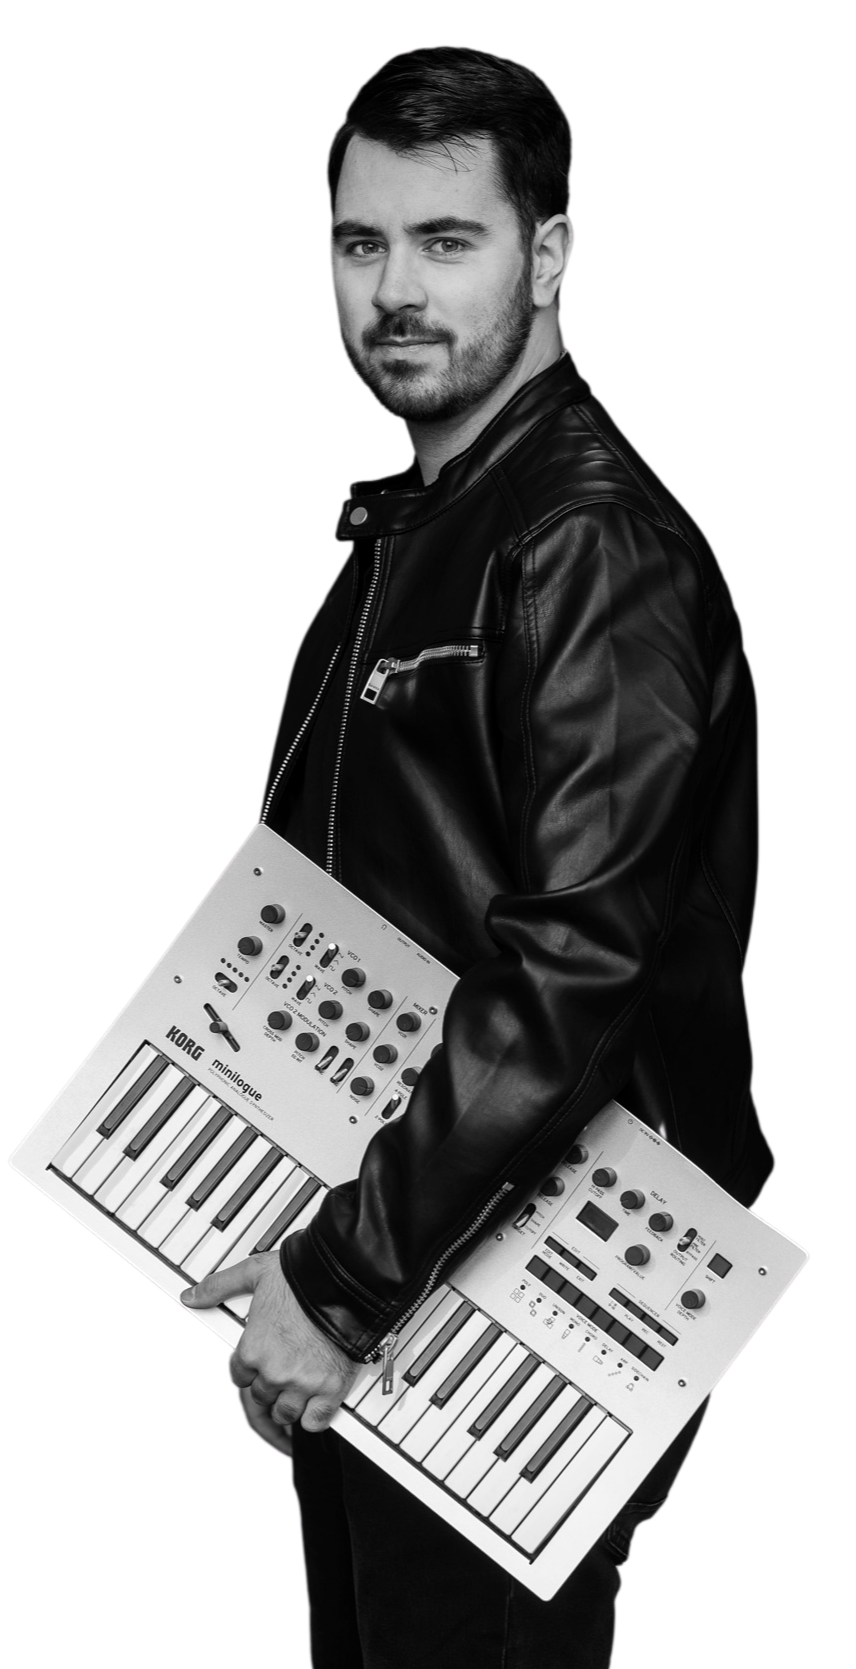 Melvin Rijlaarsdam Muziekproducer No BG